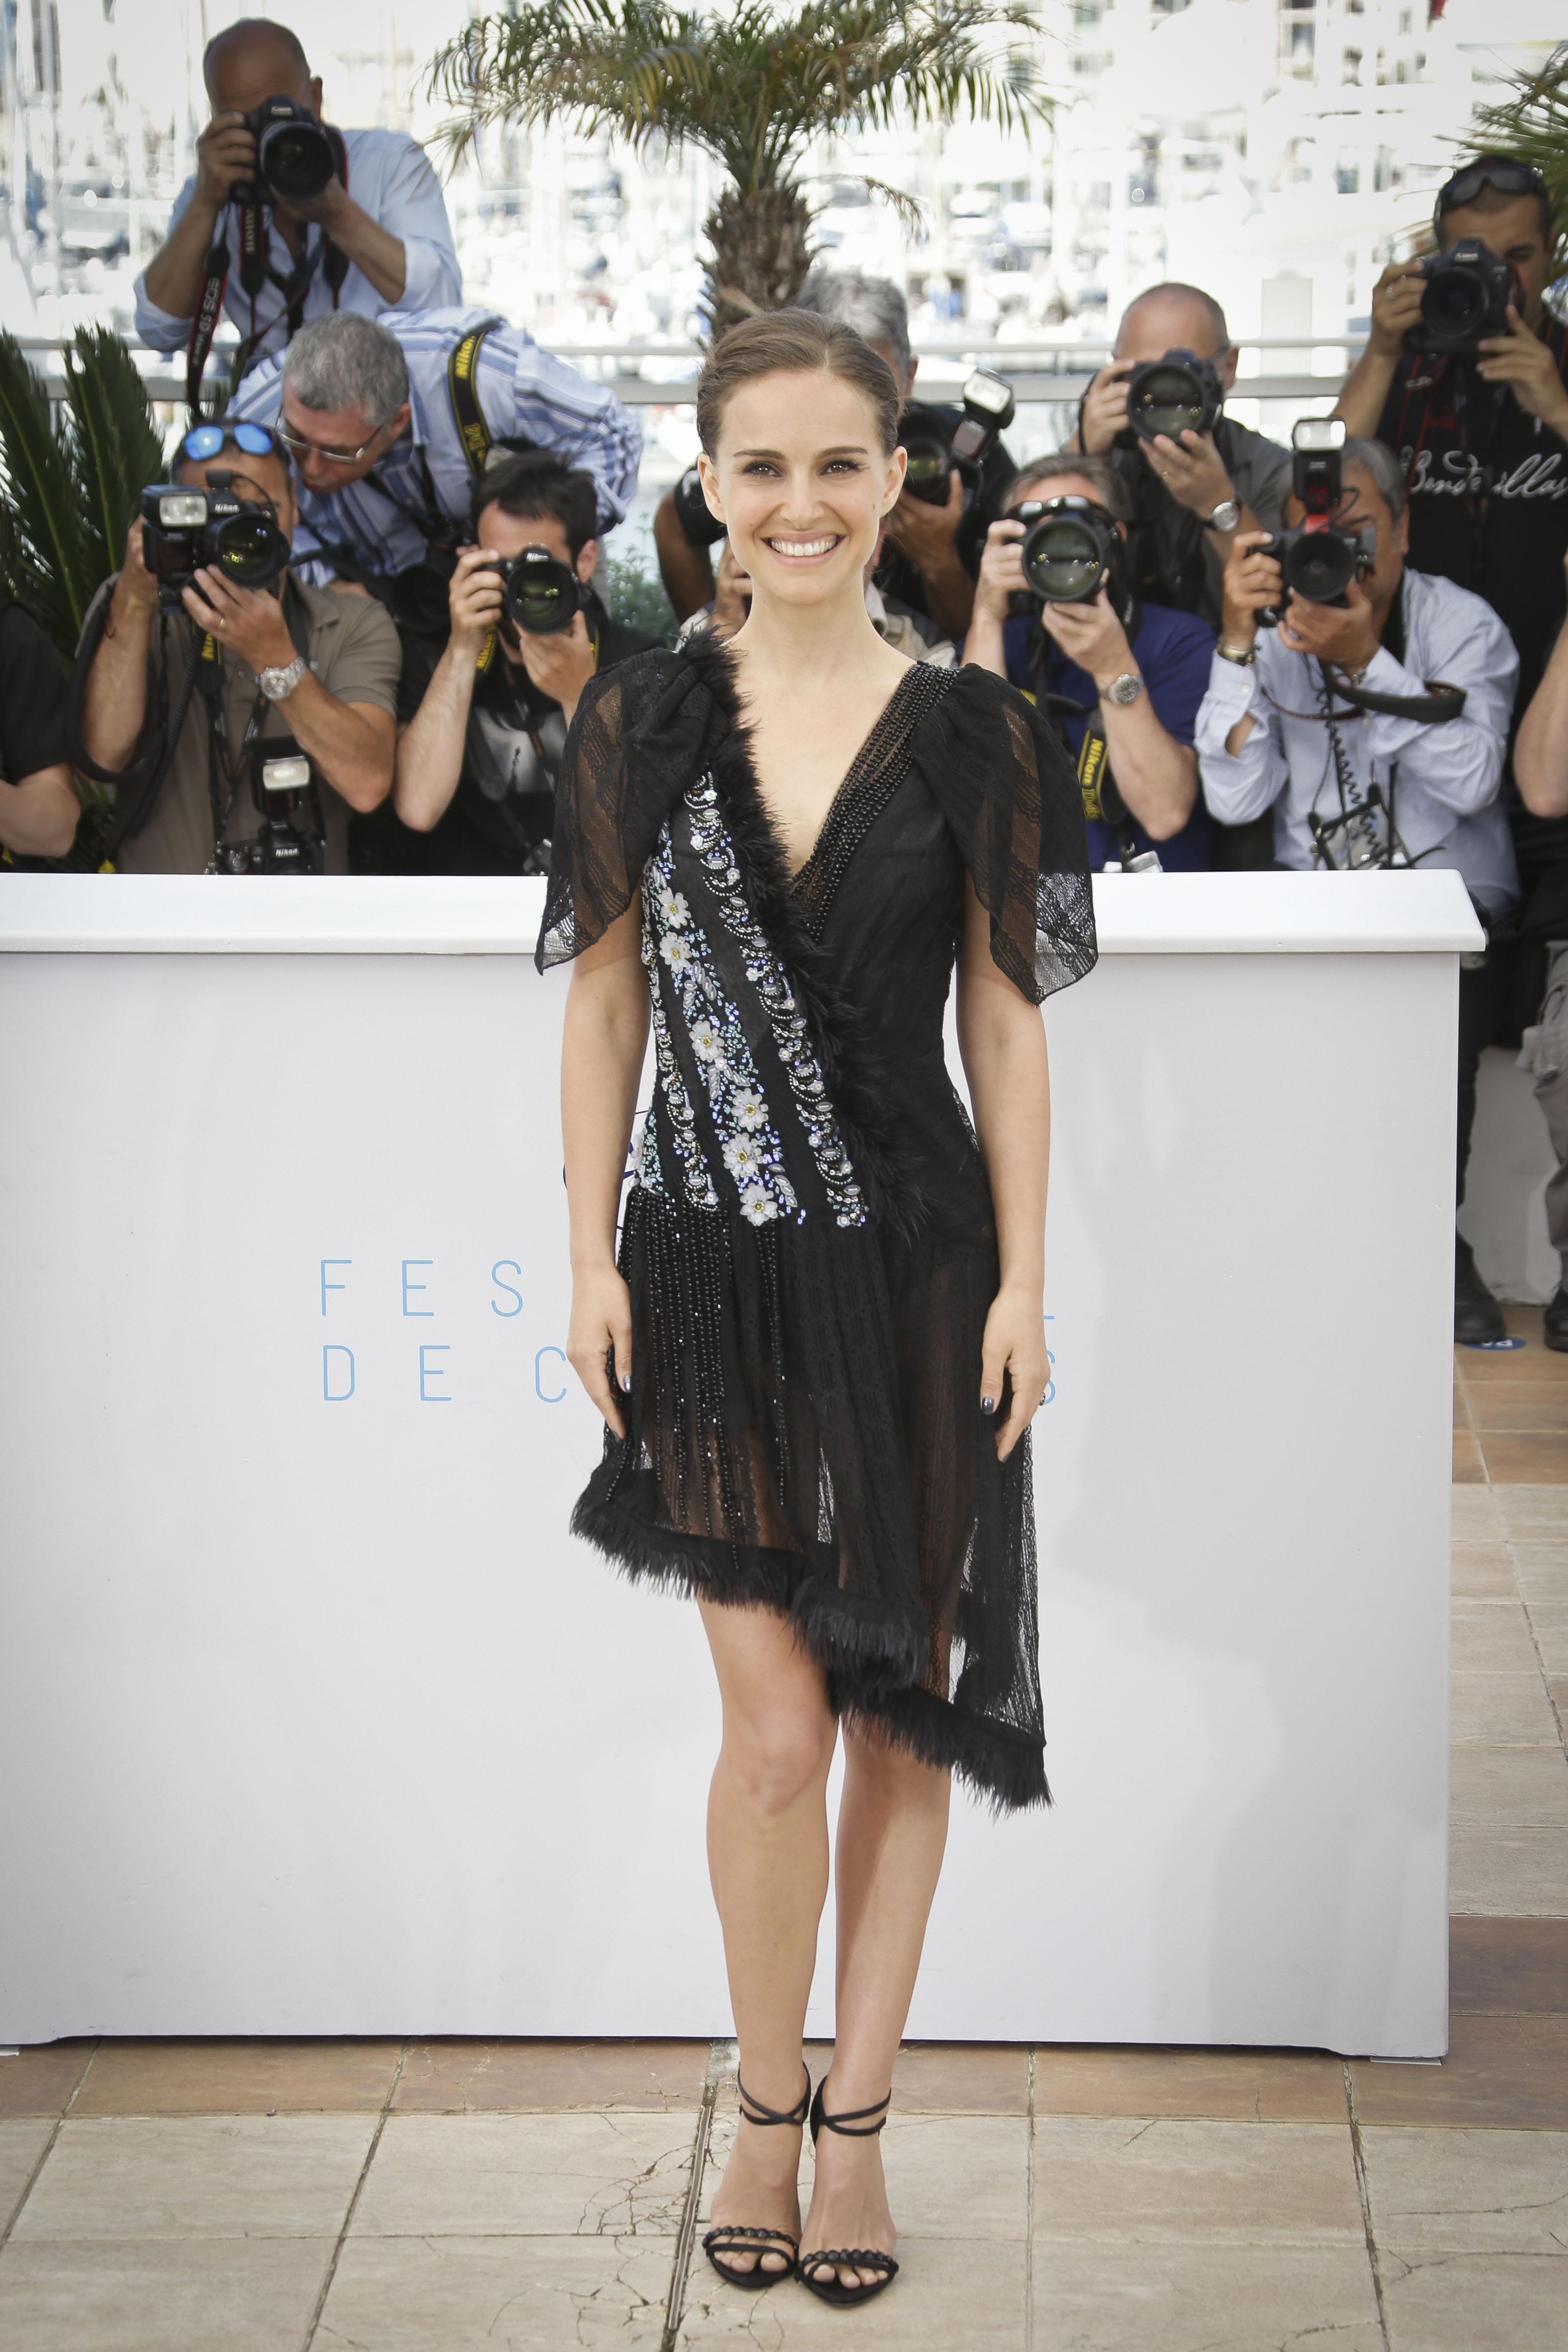 Актриса Натали Портман поразила своим откровенным выходом в каннах